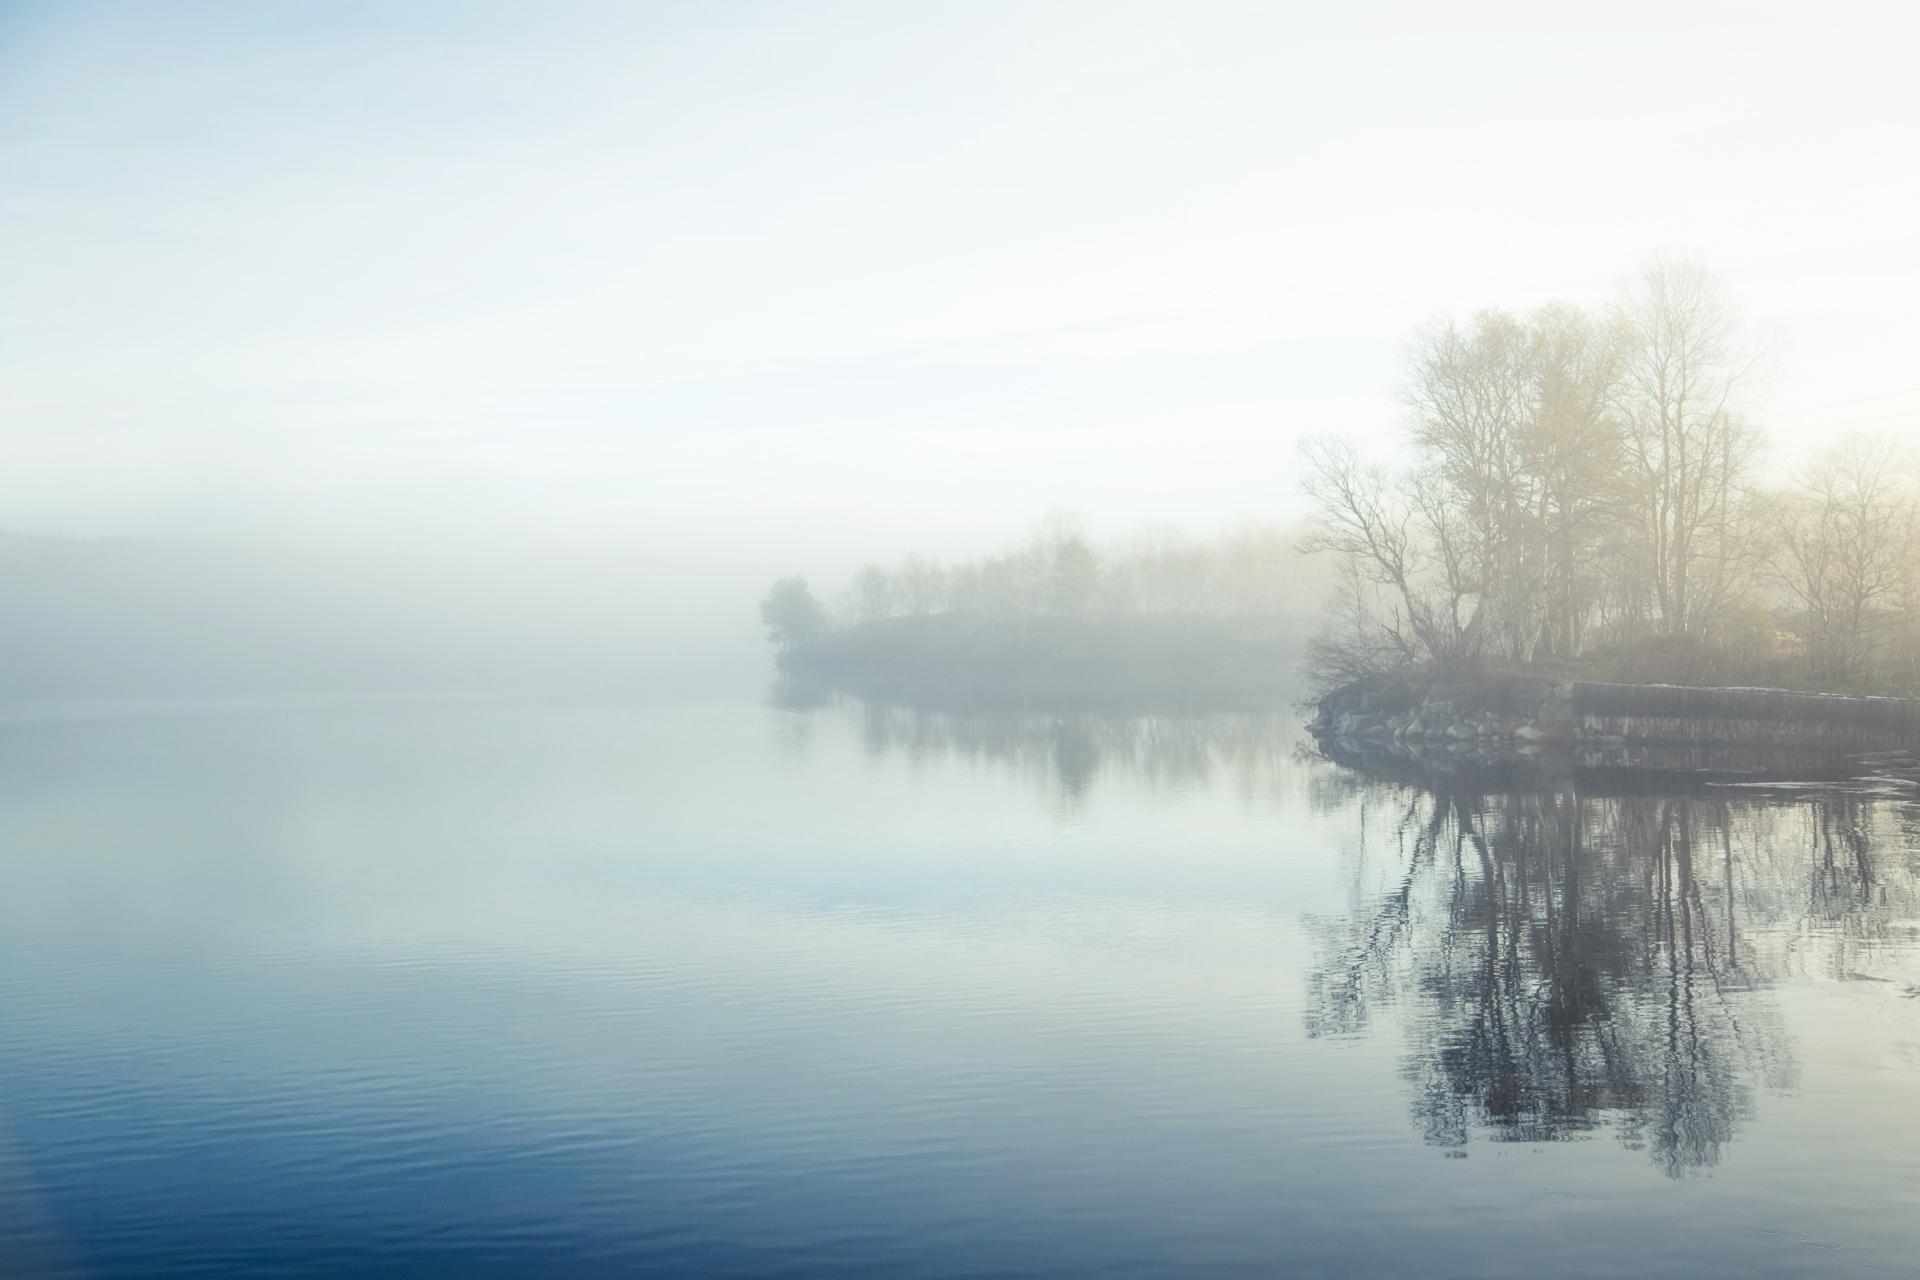 秋の朝の湖の風景 ノルウェーの風景